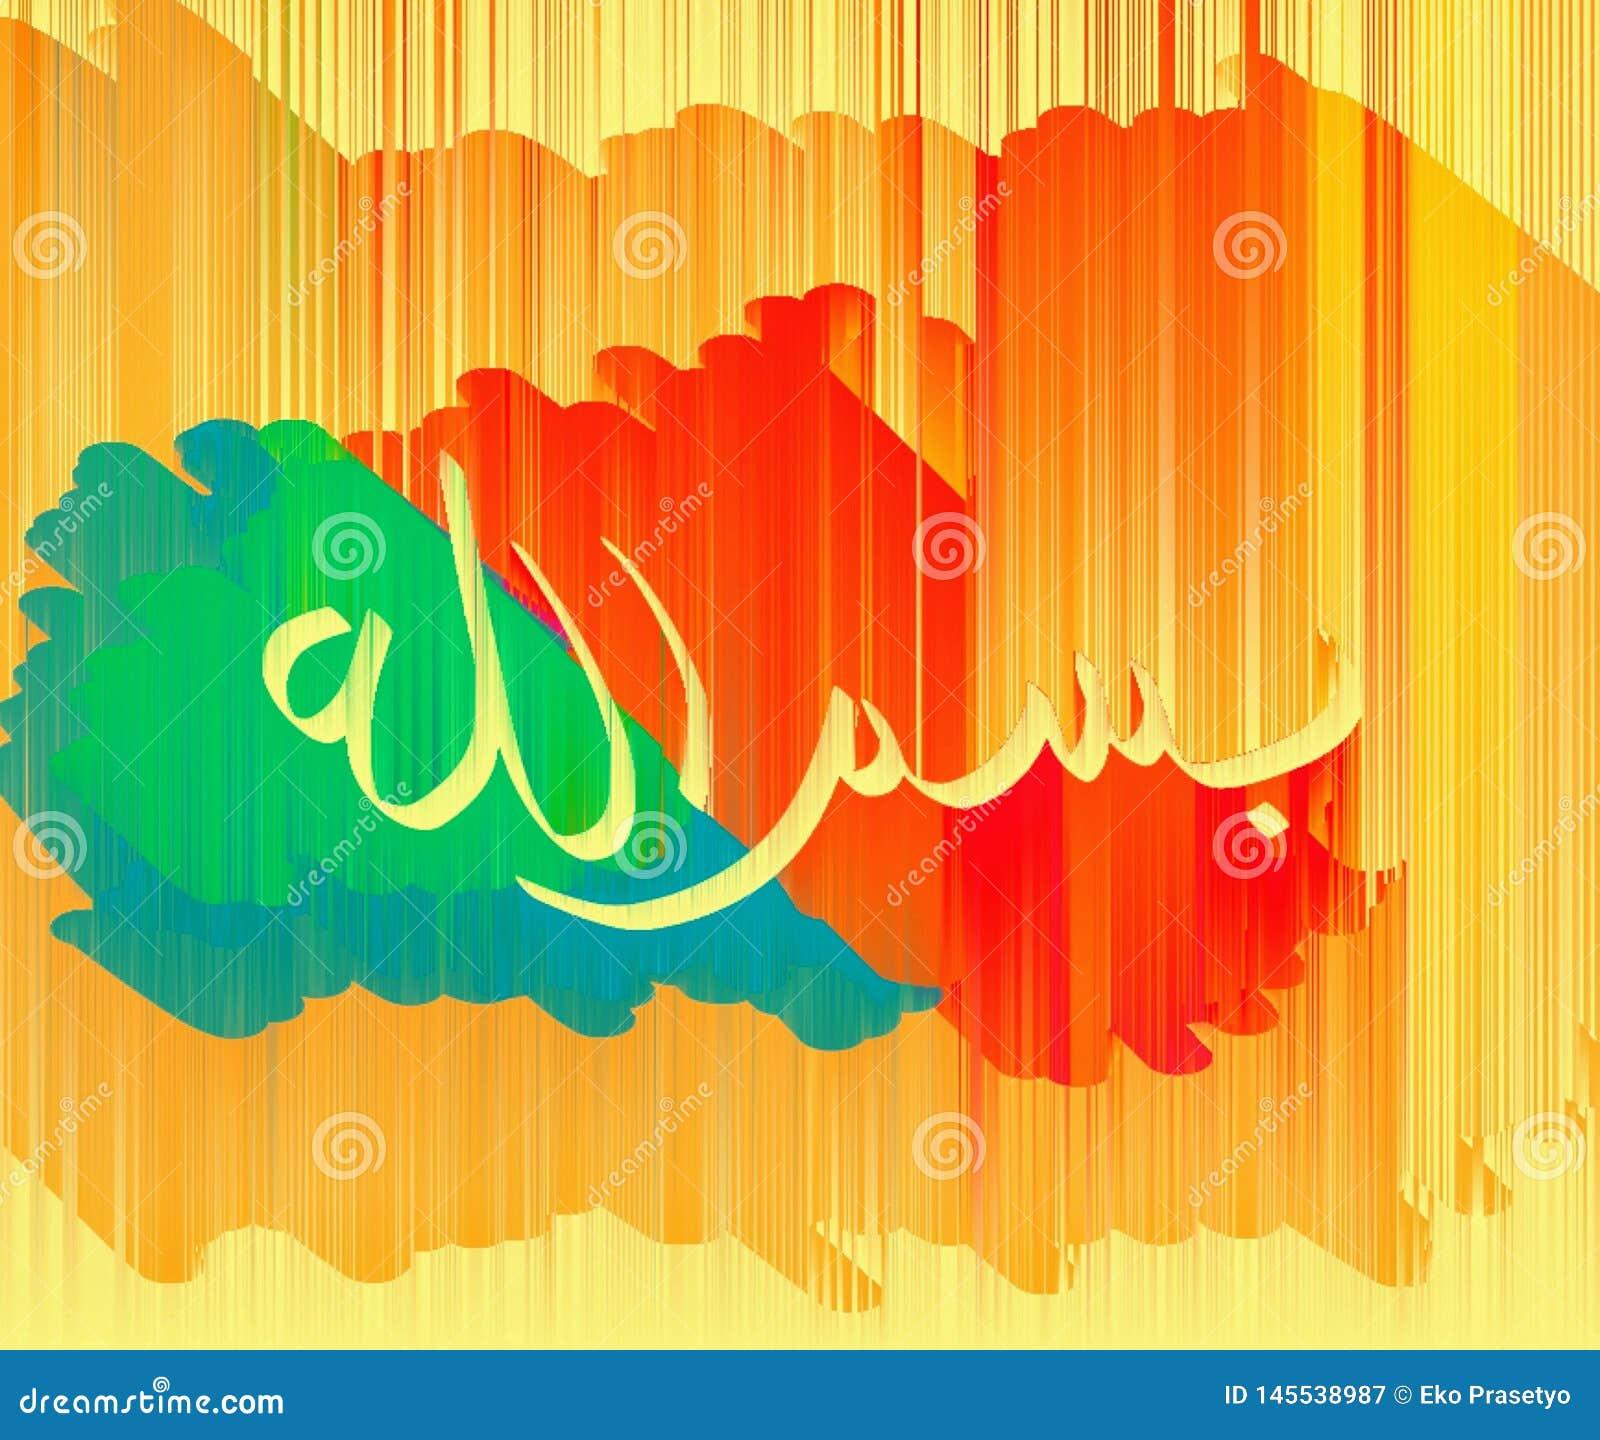 Арабская писать каллиграфия которая очень популярна с мусульманами